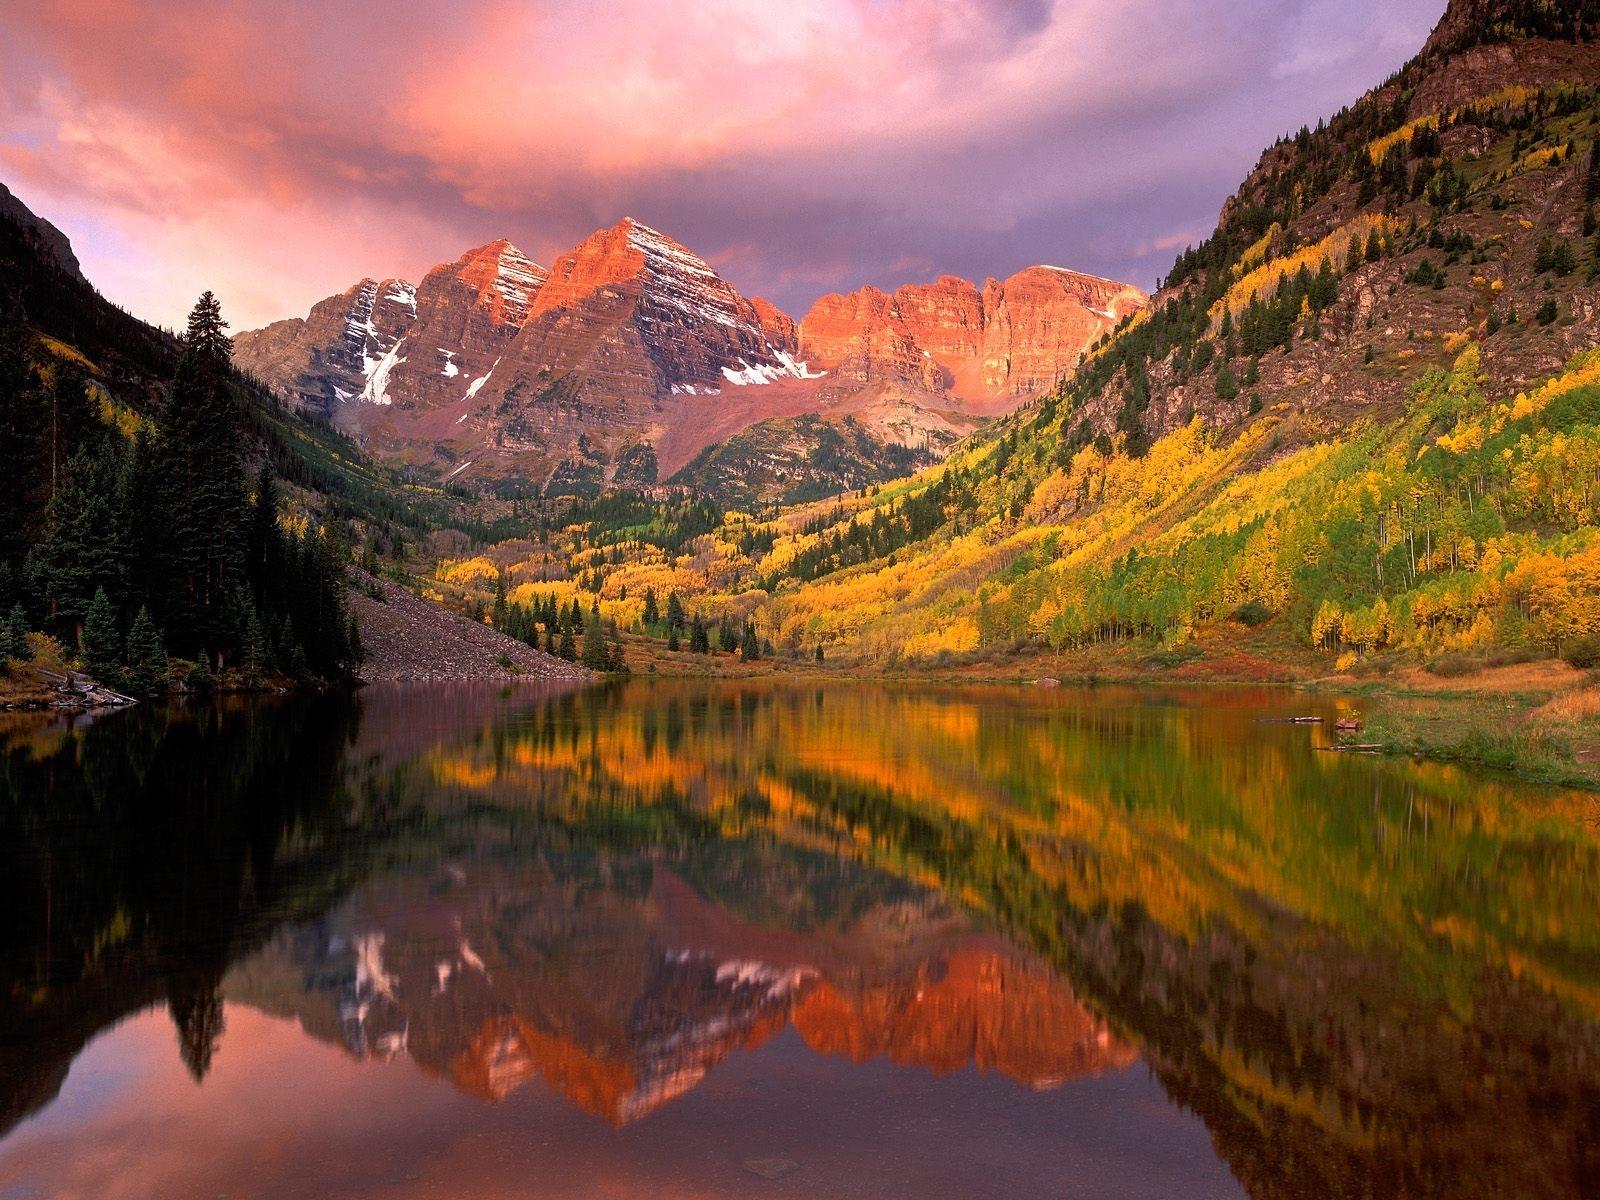 マルーン・ベルズ(アメリカ) 壁紙 - Maroon Bells, Aspen, Colorado, US WALLPAPER